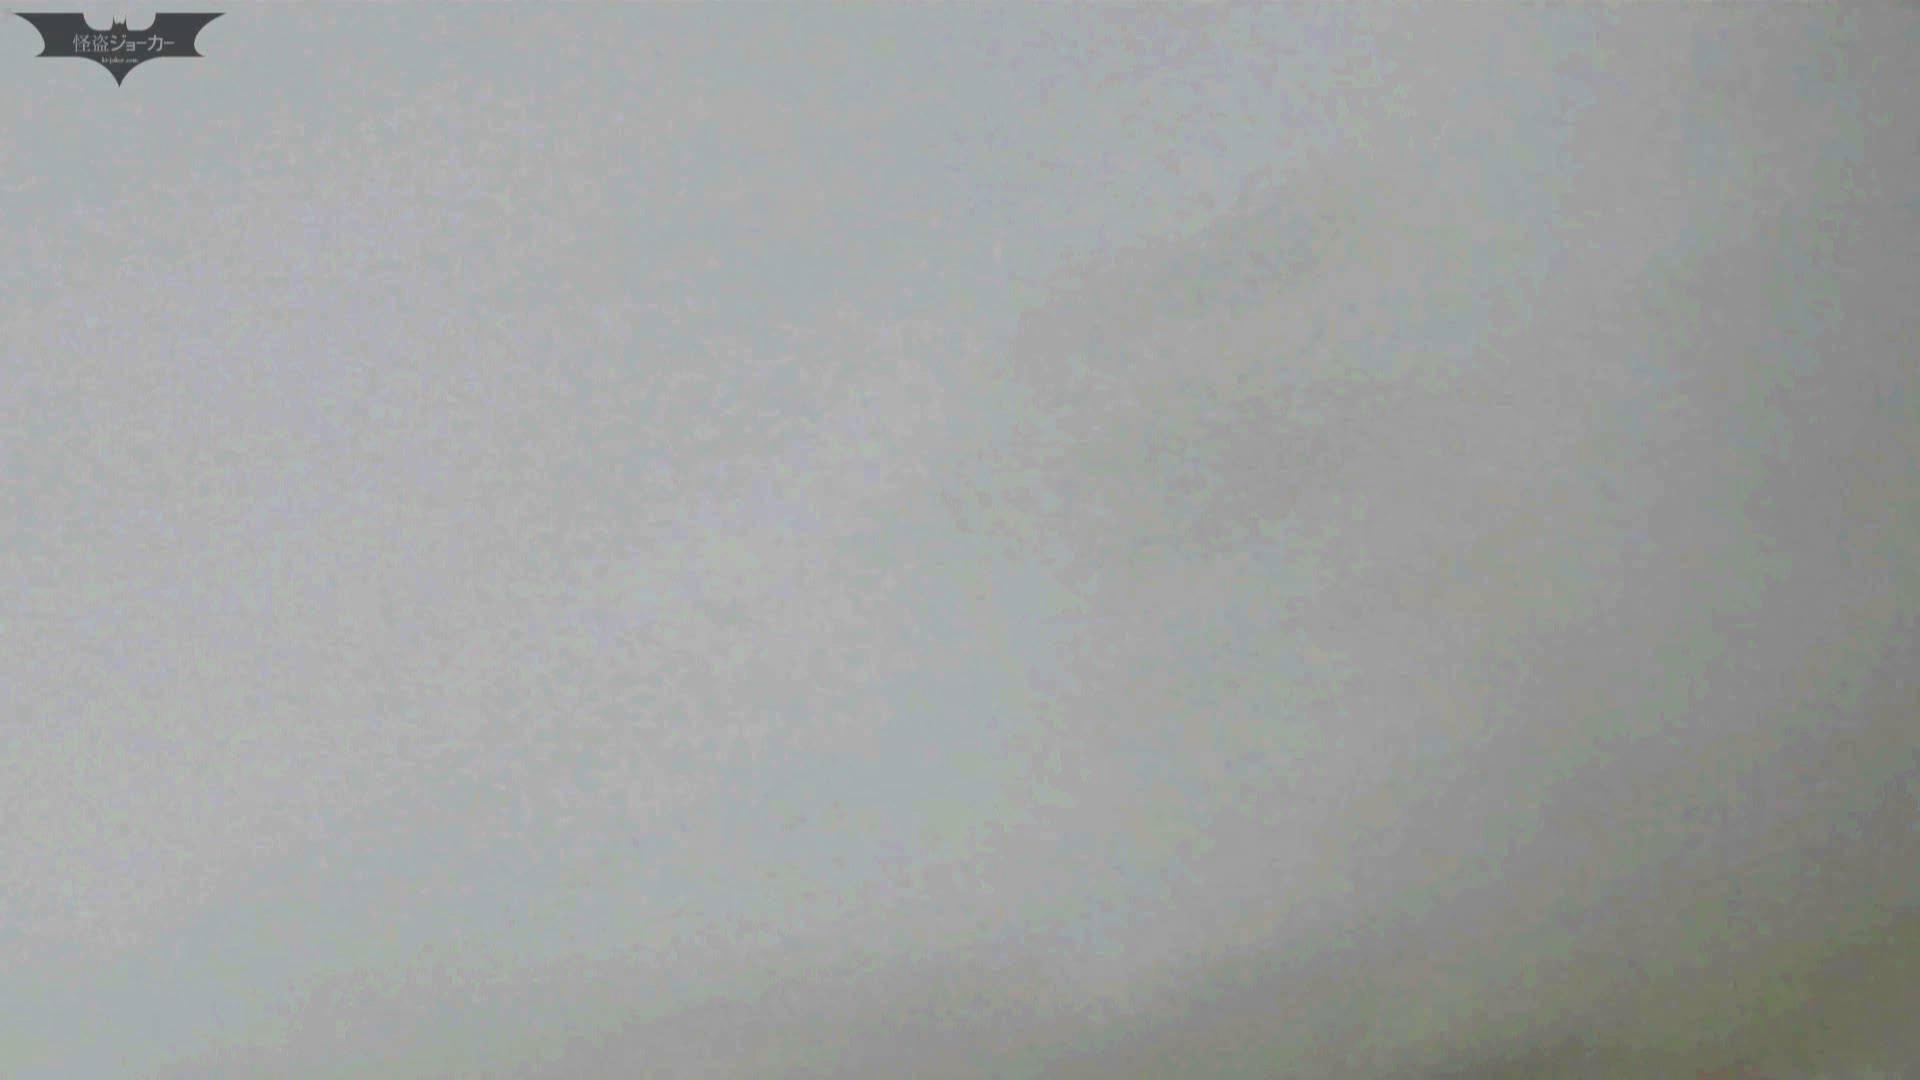 巨乳おまんこ:下からノゾム vol.018 スタイルいい子に、ついついて入っちゃった。:怪盗ジョーカー